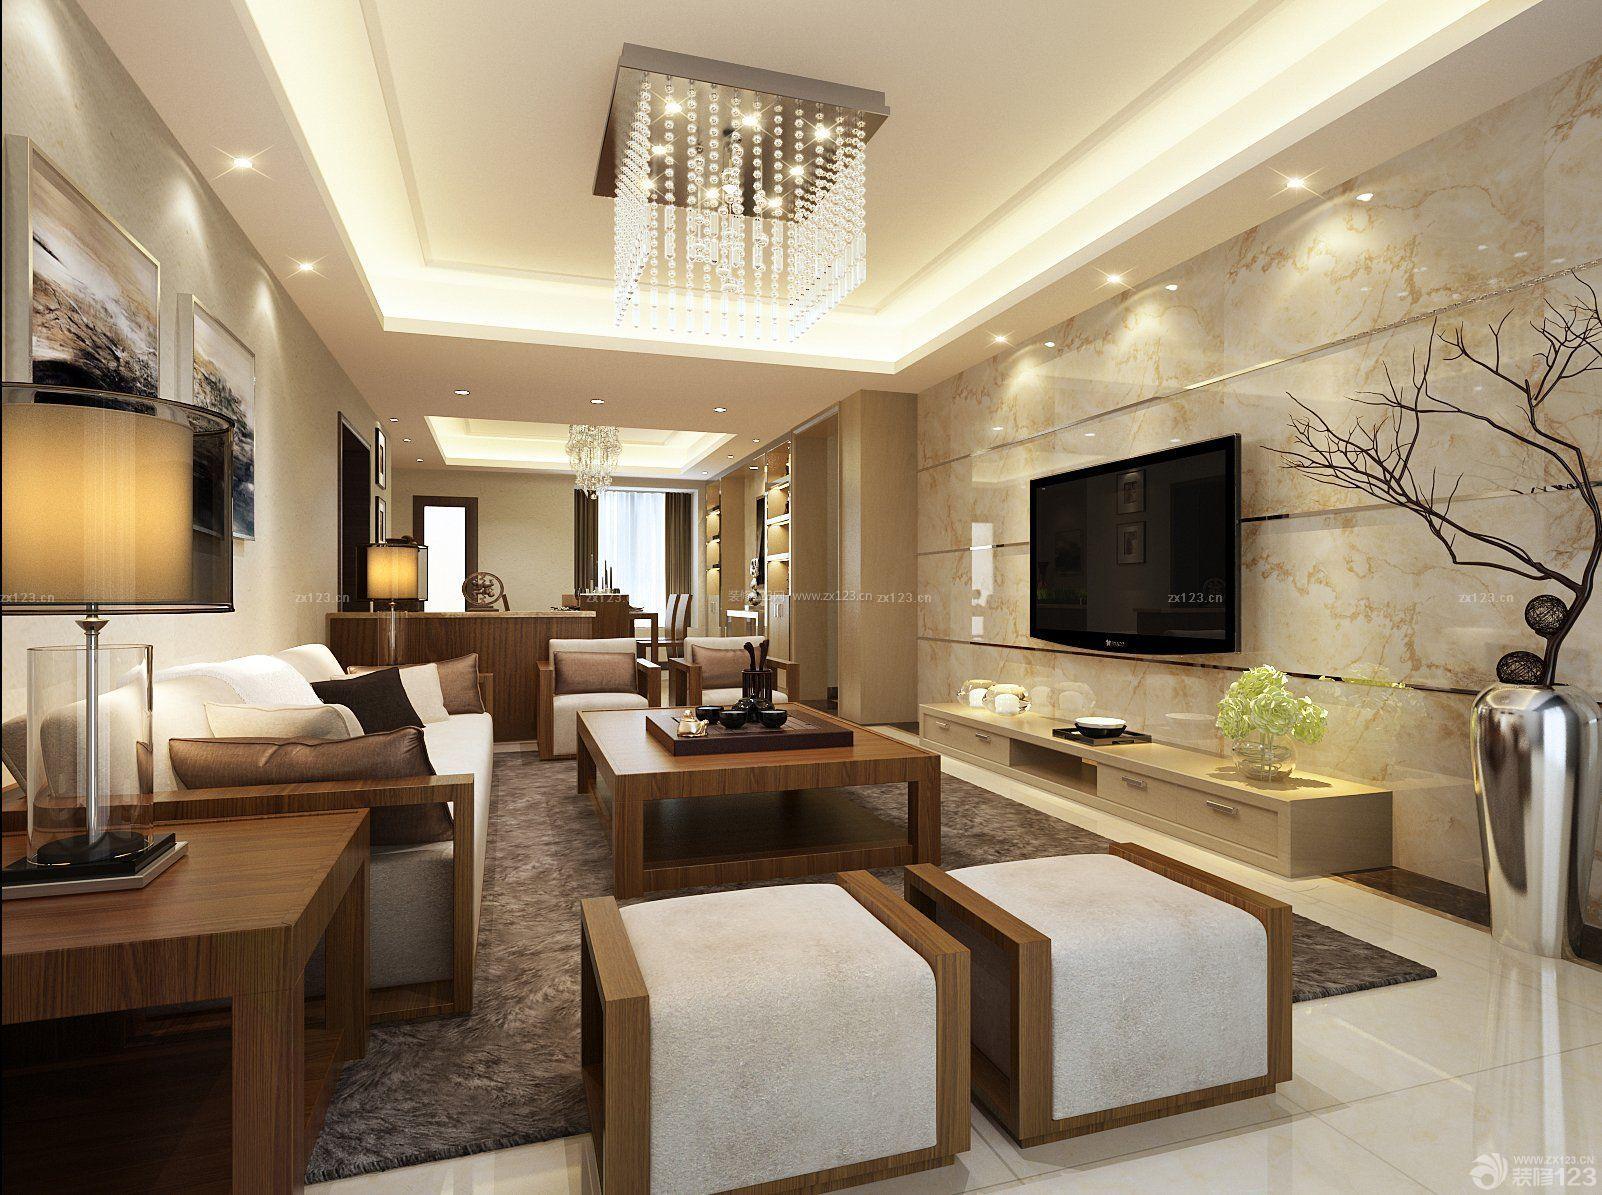 二室一厅中式2014瓷砖电视背